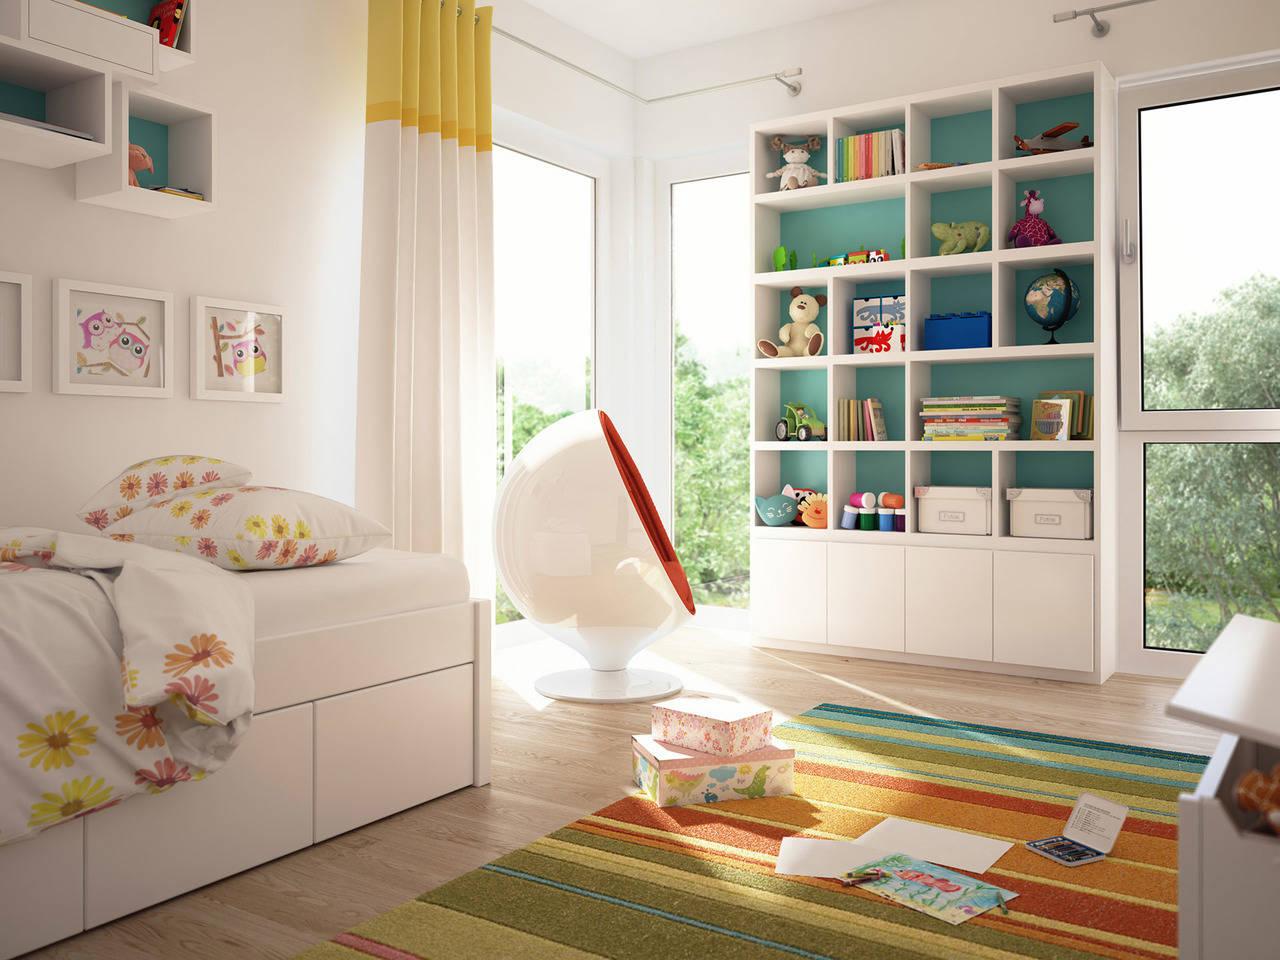 Haus SOLUTION 124 V9 Kinderzimmer von Living Haus